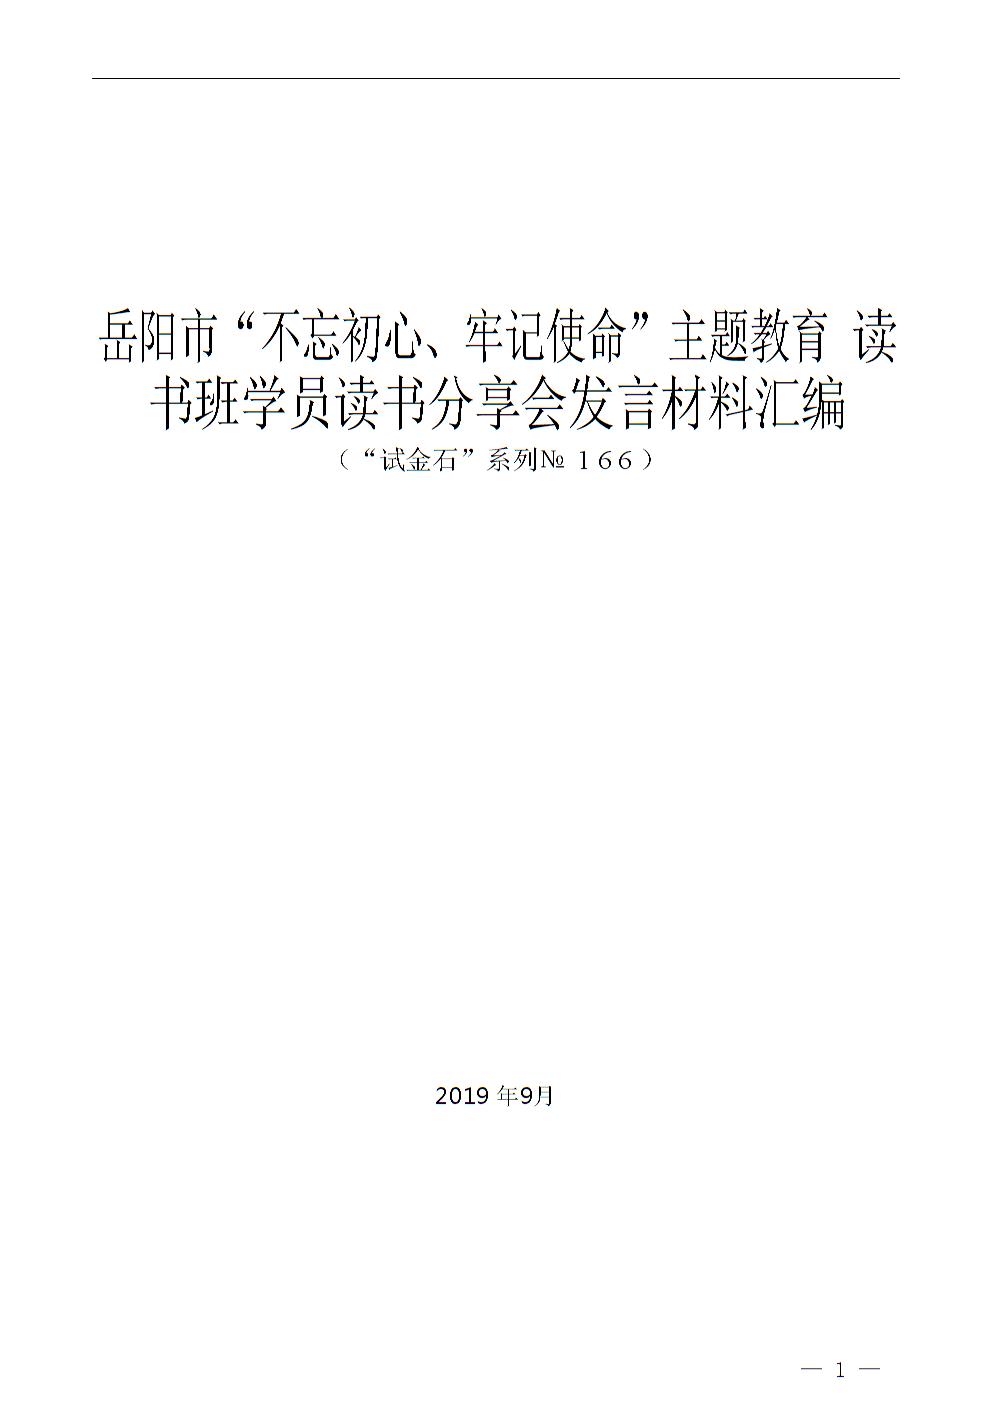 岳阳市主题教育 读书班学员读书分享会发言材料汇编.doc